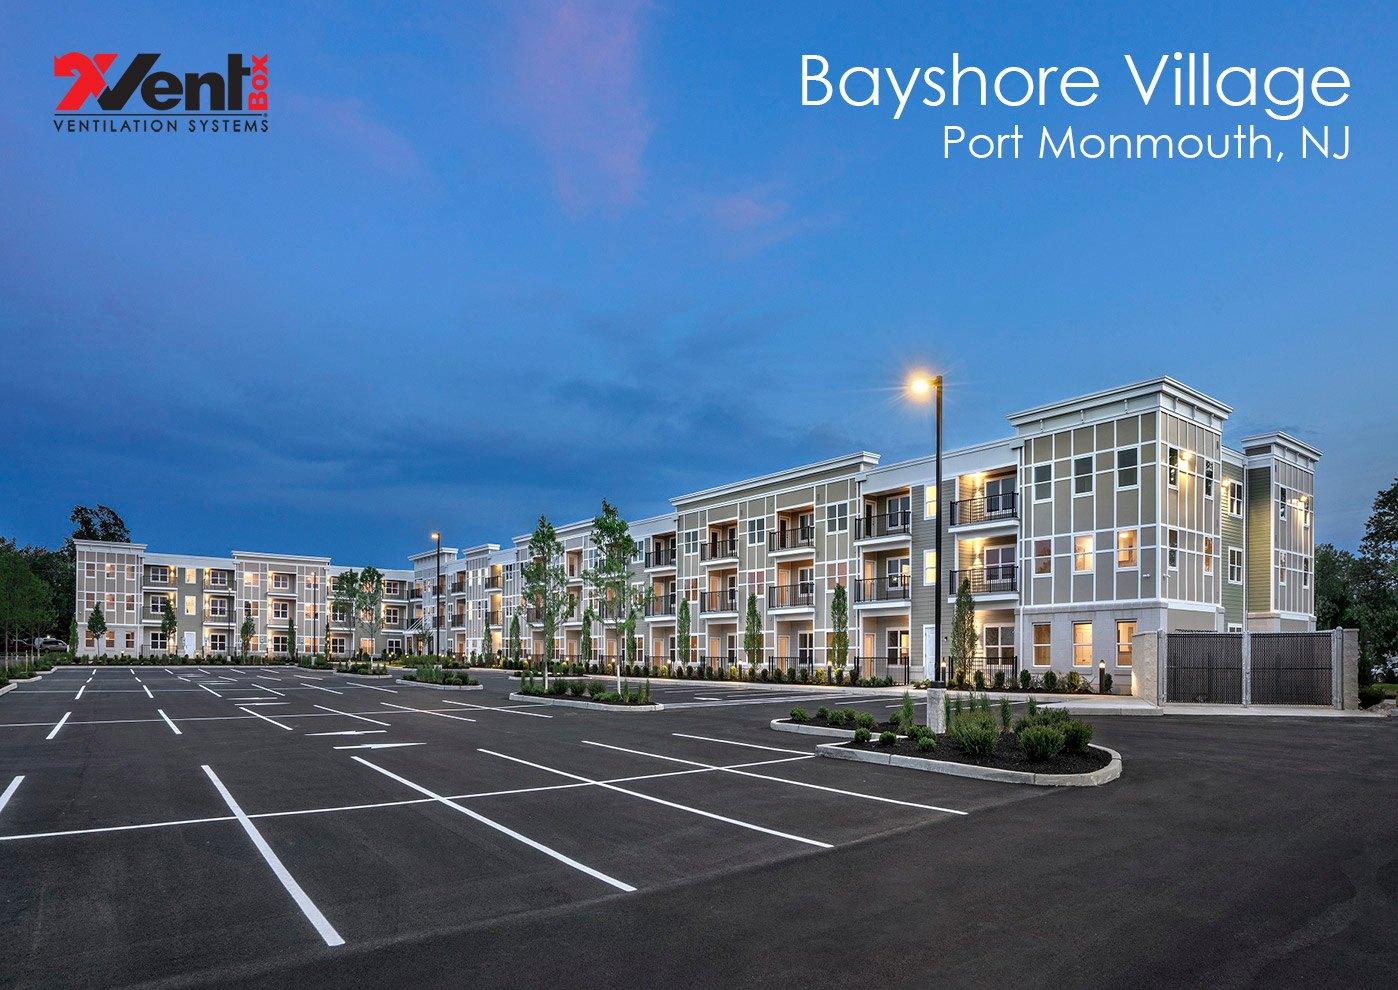 Bayshore Village